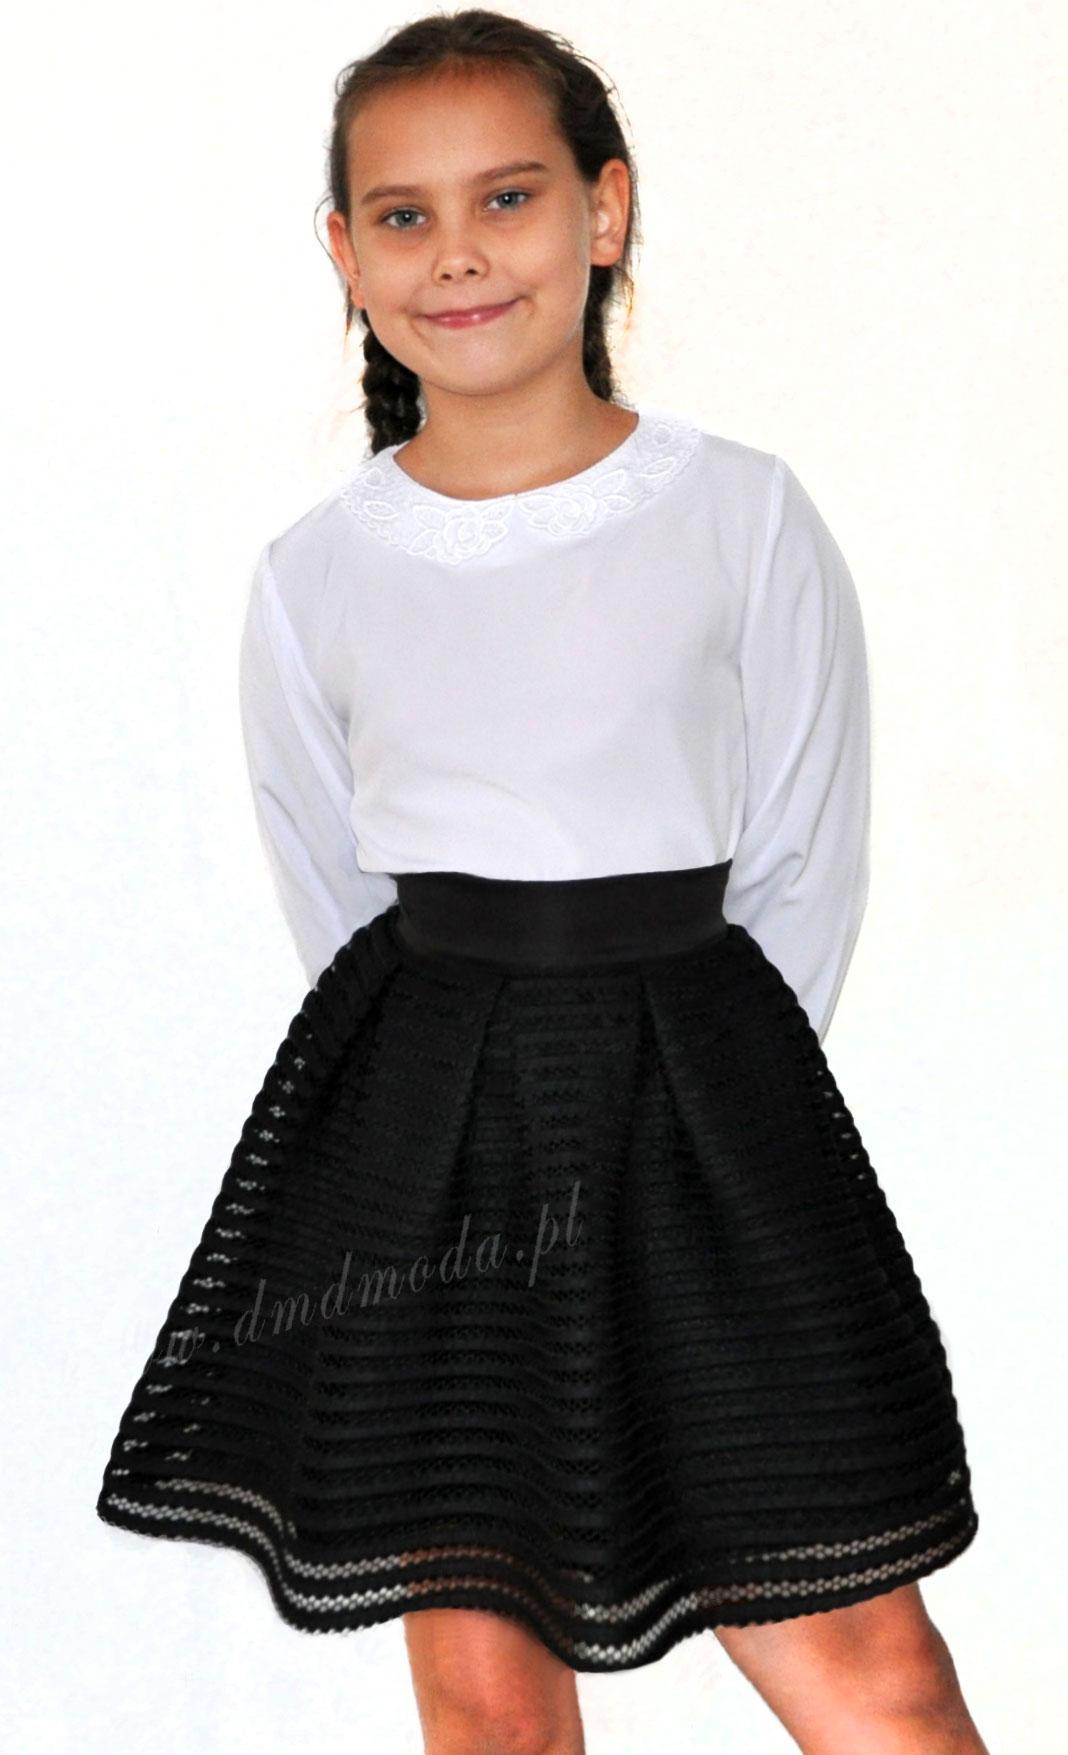 czarna spódniczka dla dziewczynki